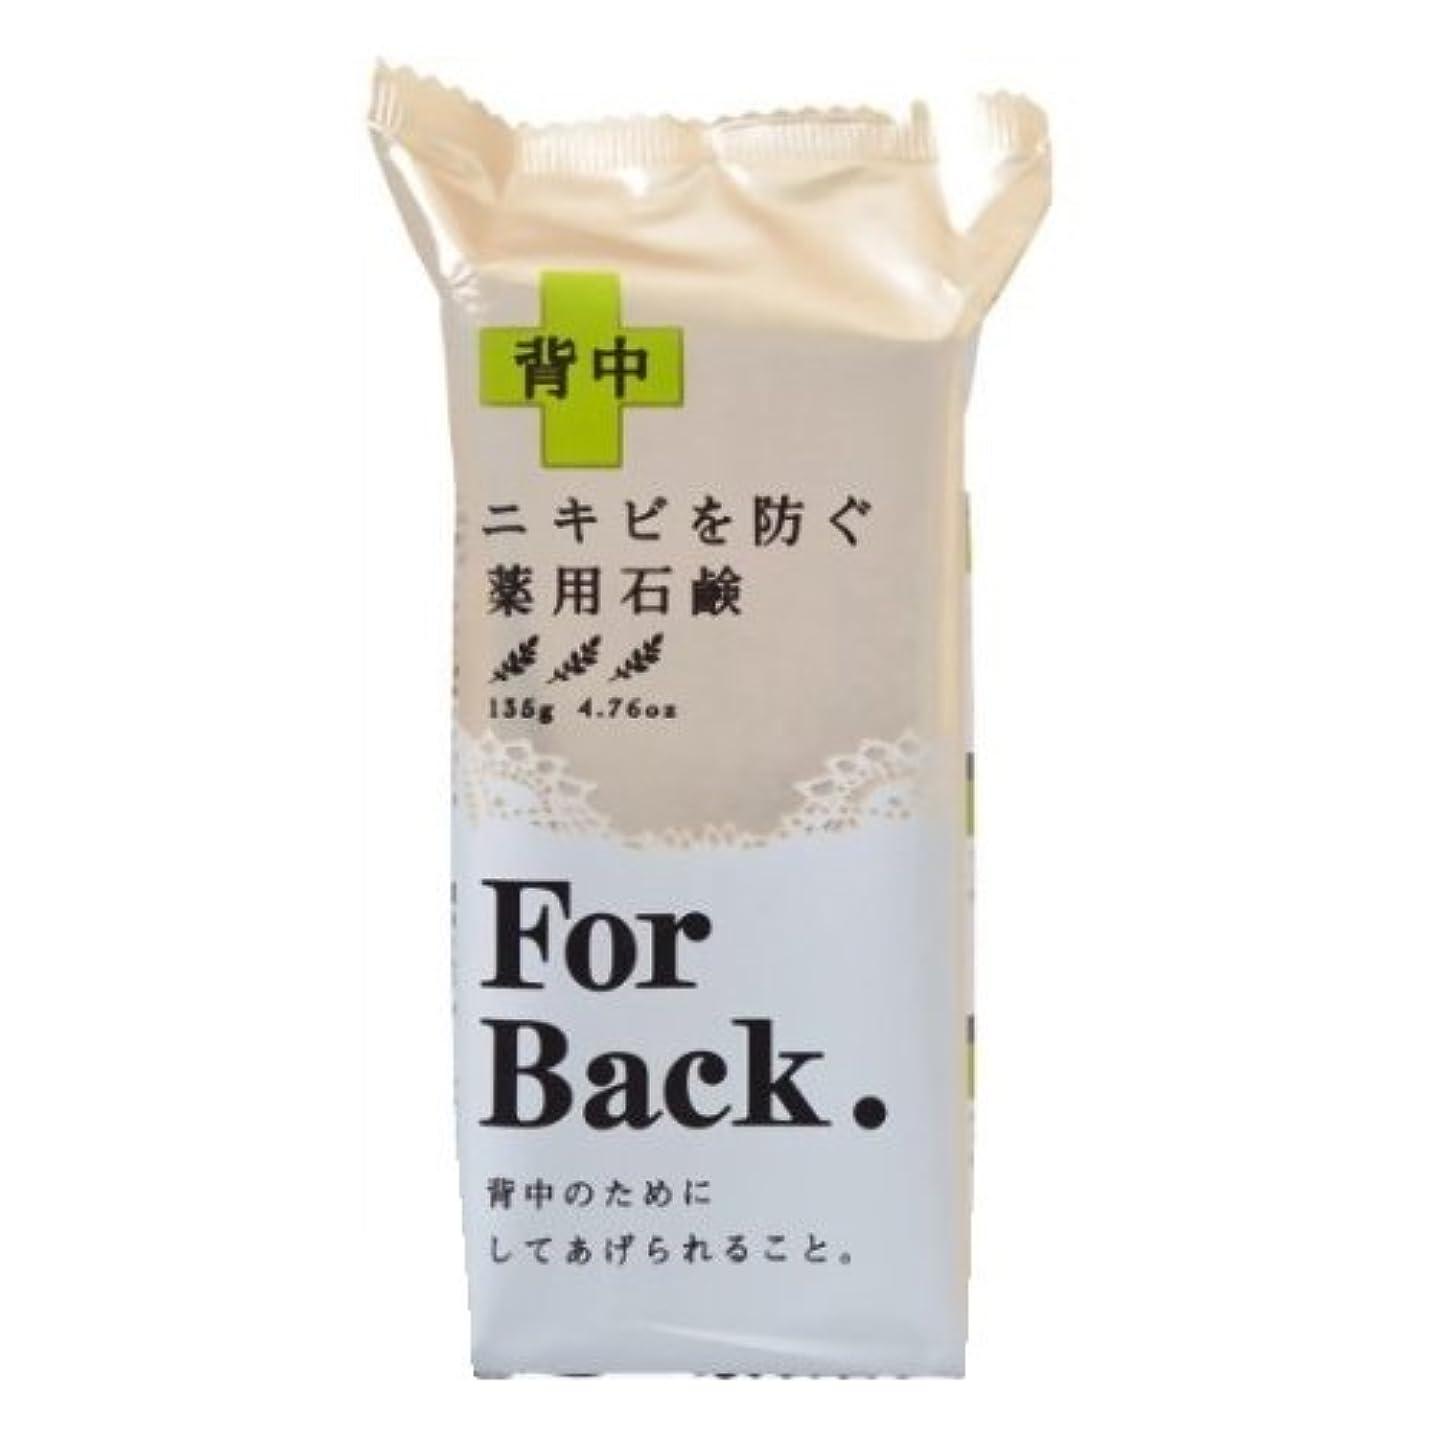 仲間、同僚マニフェストアクティビティ薬用石鹸ForBack 135g